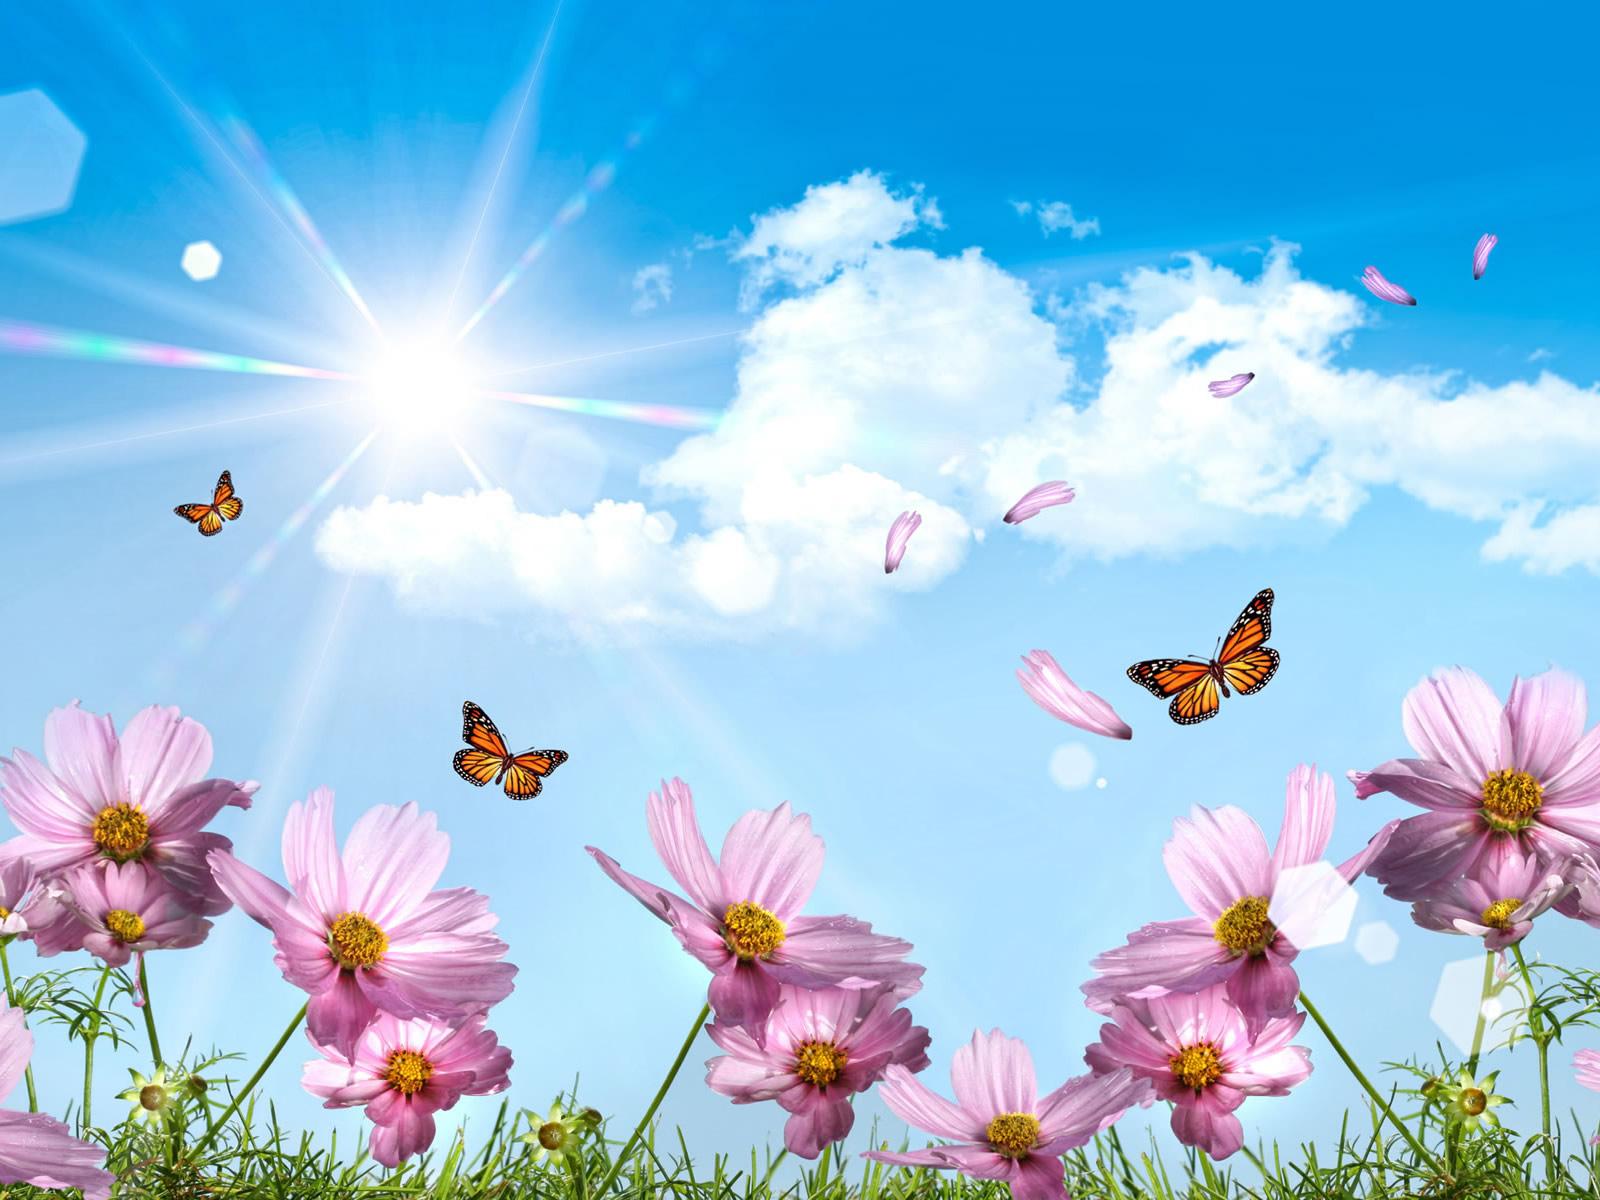 Vlinders bloemen en zon bureaublad achtergrond blauw